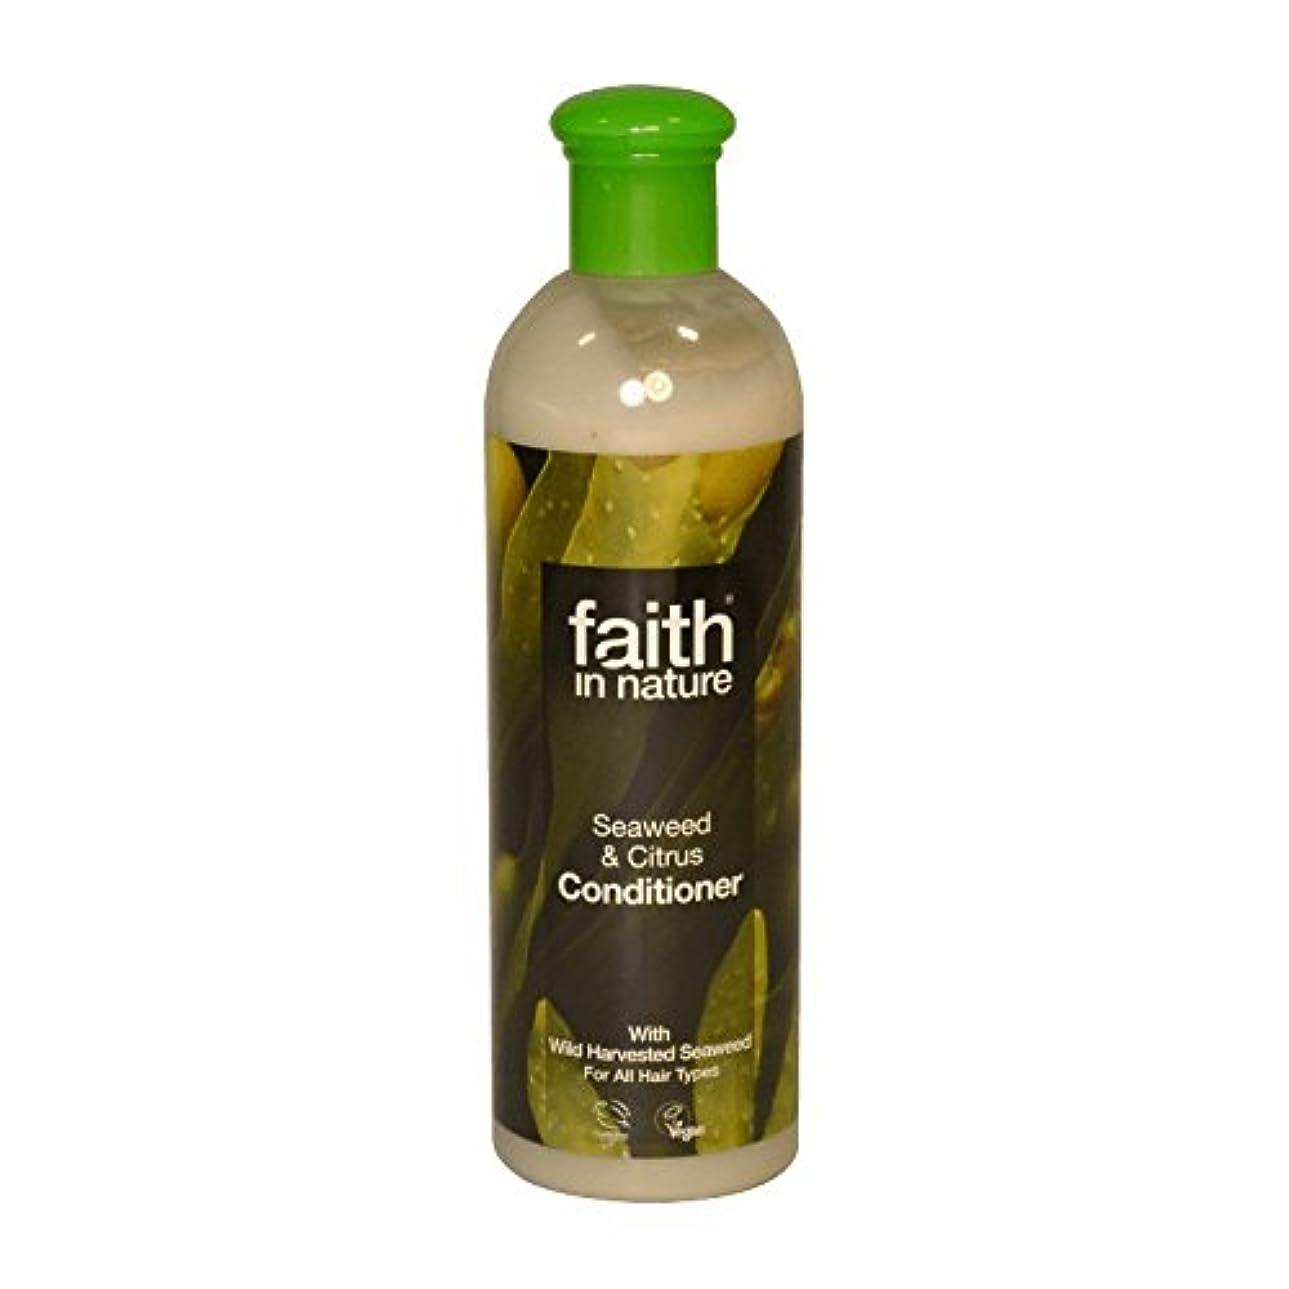 書誌領事館衝動自然の海藻&シトラスコンディショナー400ミリリットルの信仰 - Faith in Nature Seaweed & Citrus Conditioner 400ml (Faith in Nature) [並行輸入品]